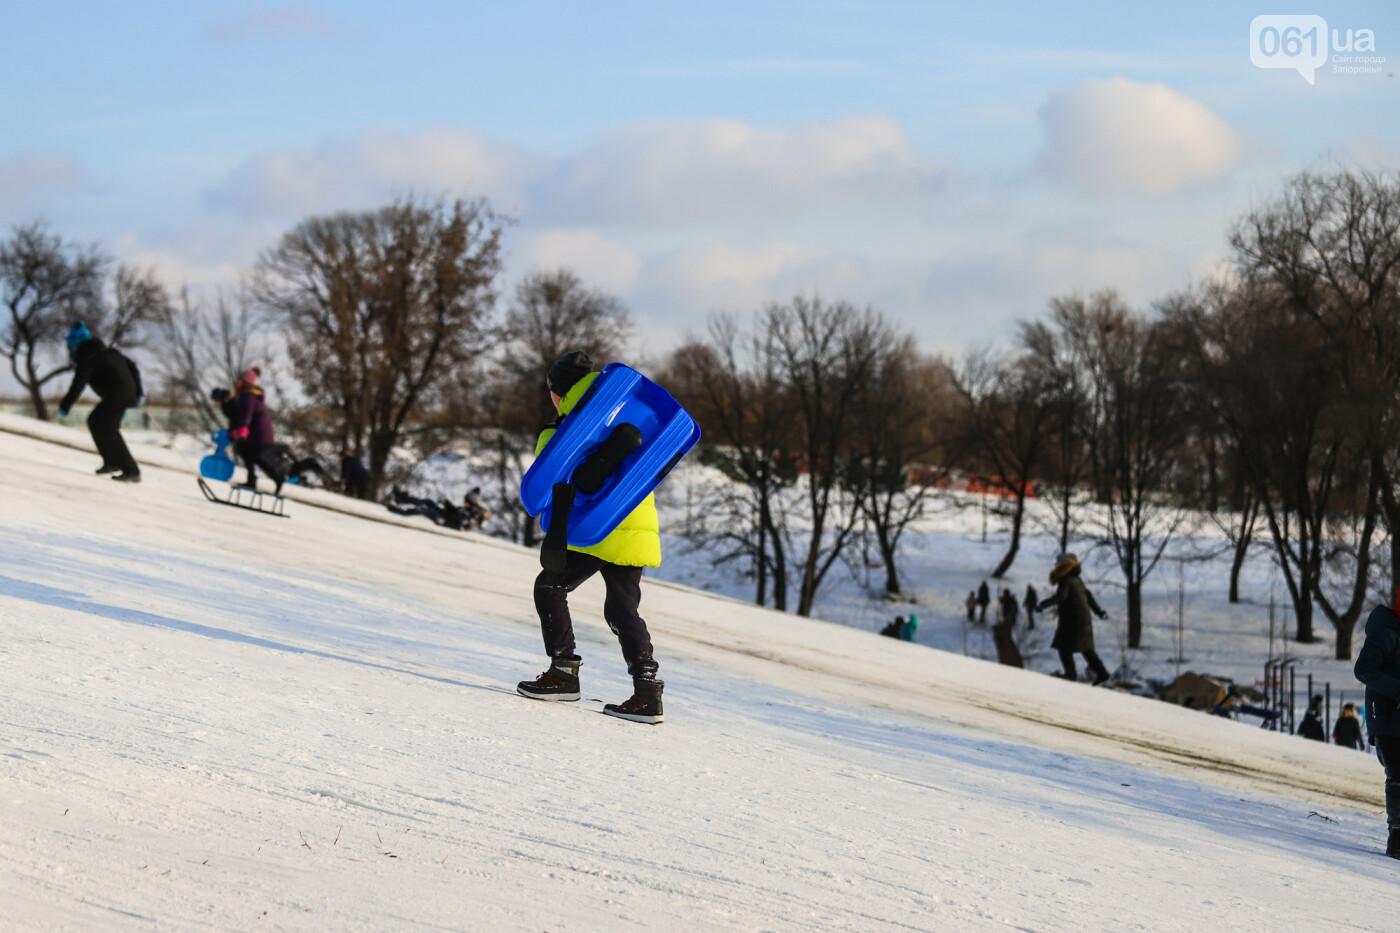 На санках, лыжах и сноуборде: запорожцы устроили массовое катание с горок в Вознесеновском парке, - ФОТОРЕПОРТАЖ, фото-57